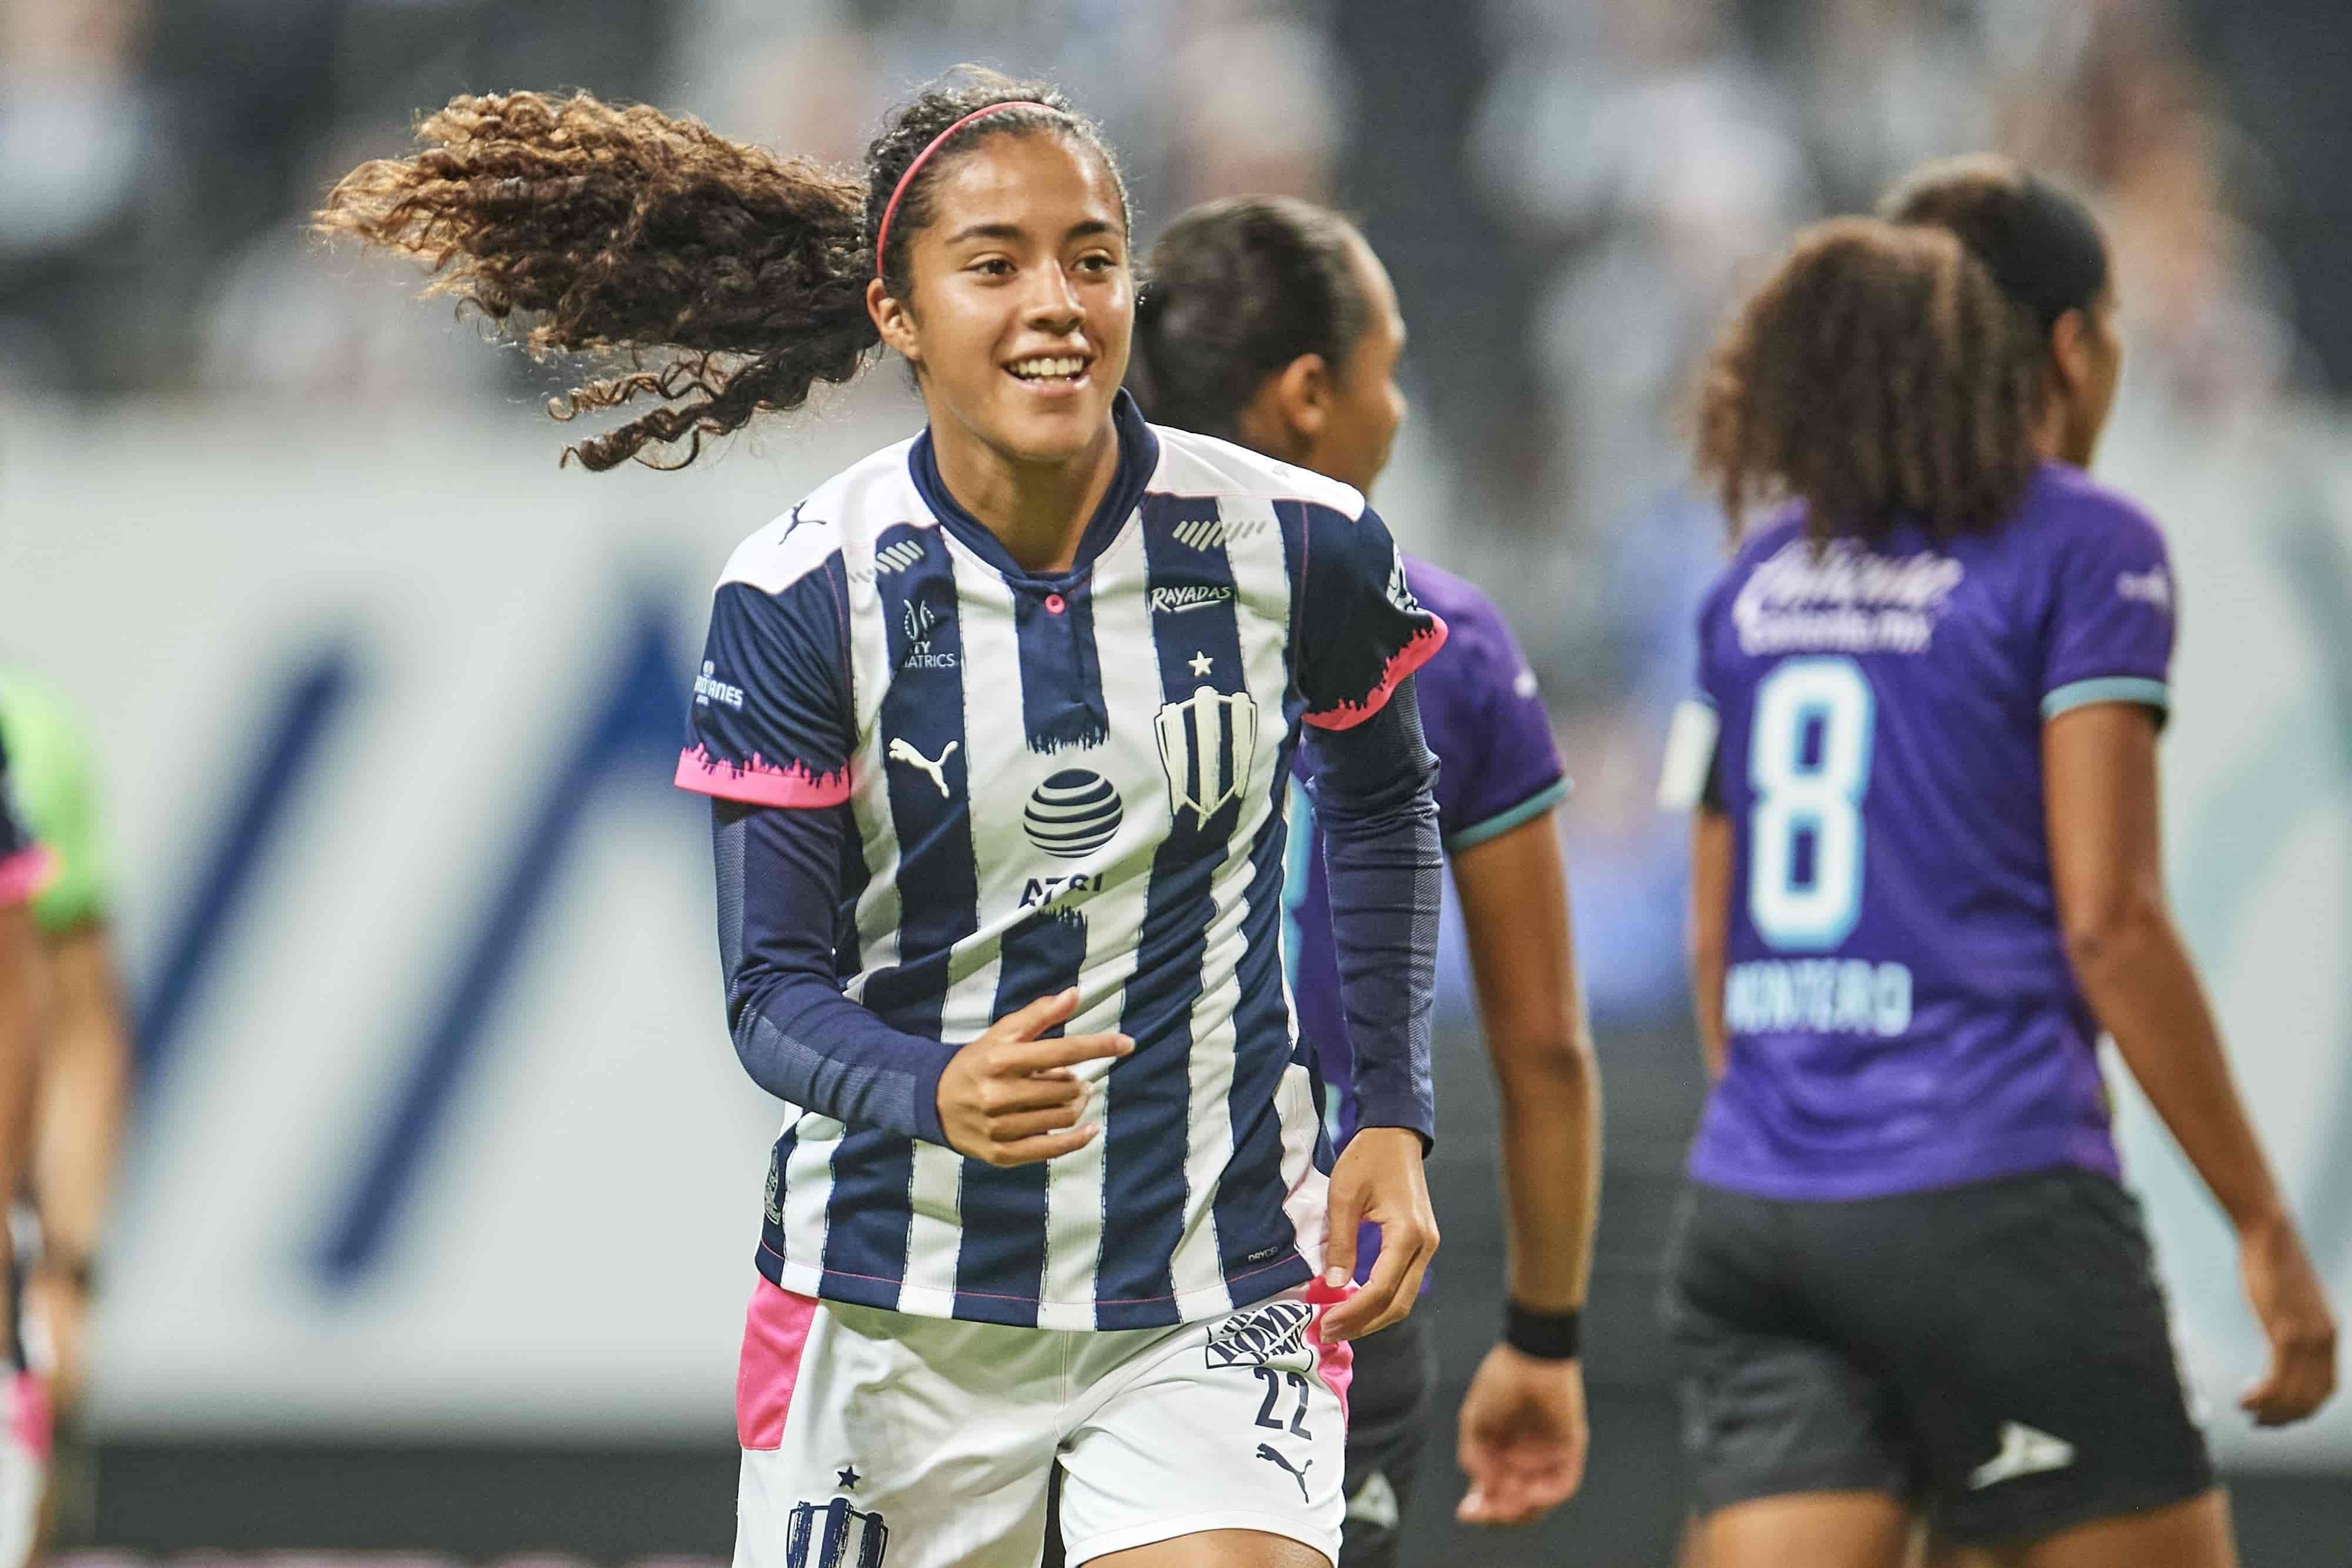 Monterrey 6-0 a Mazatlan